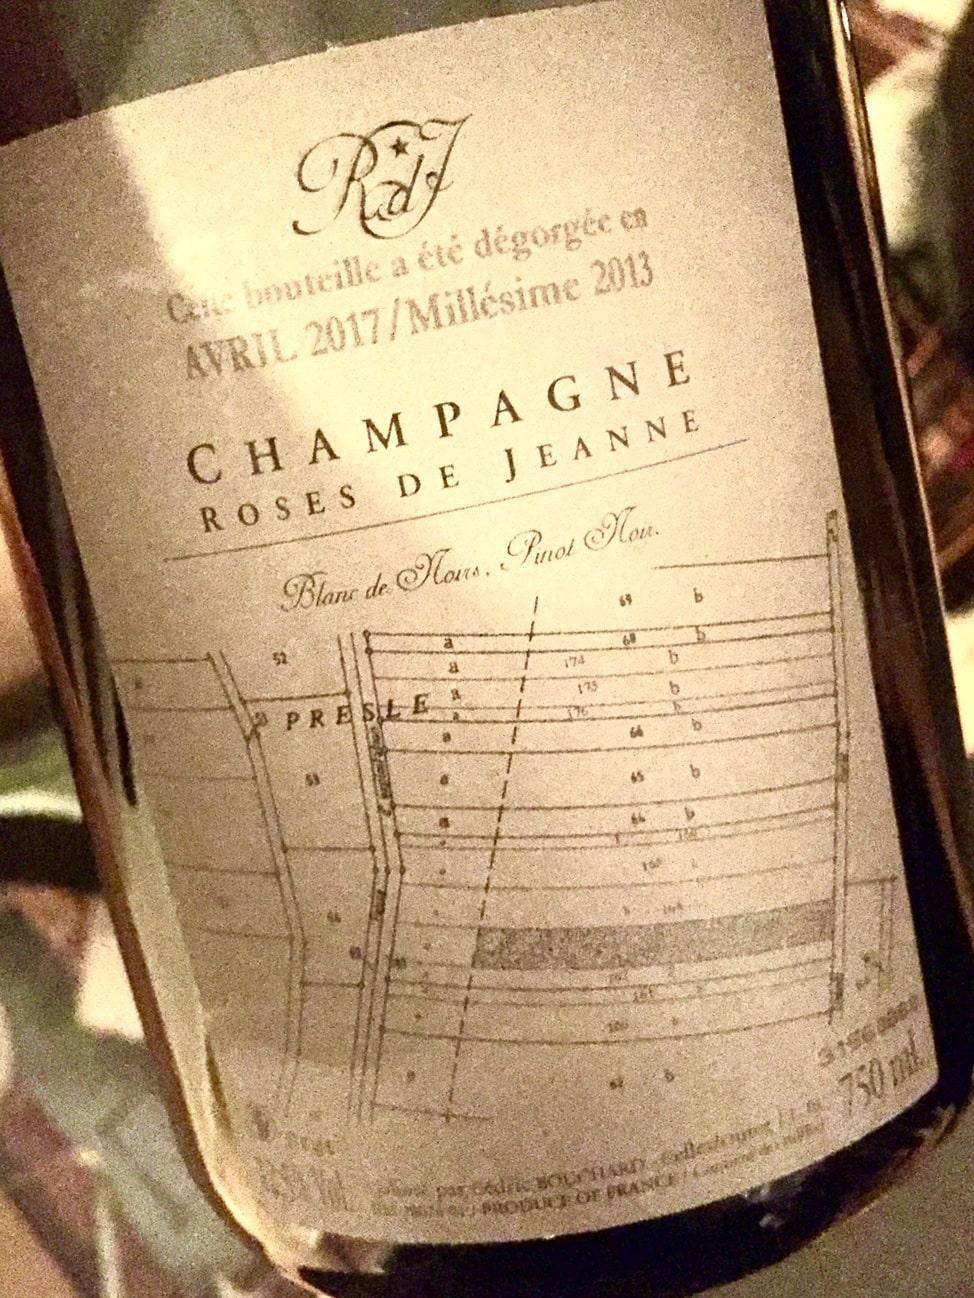 migliori Champagne Rose de Jeanne